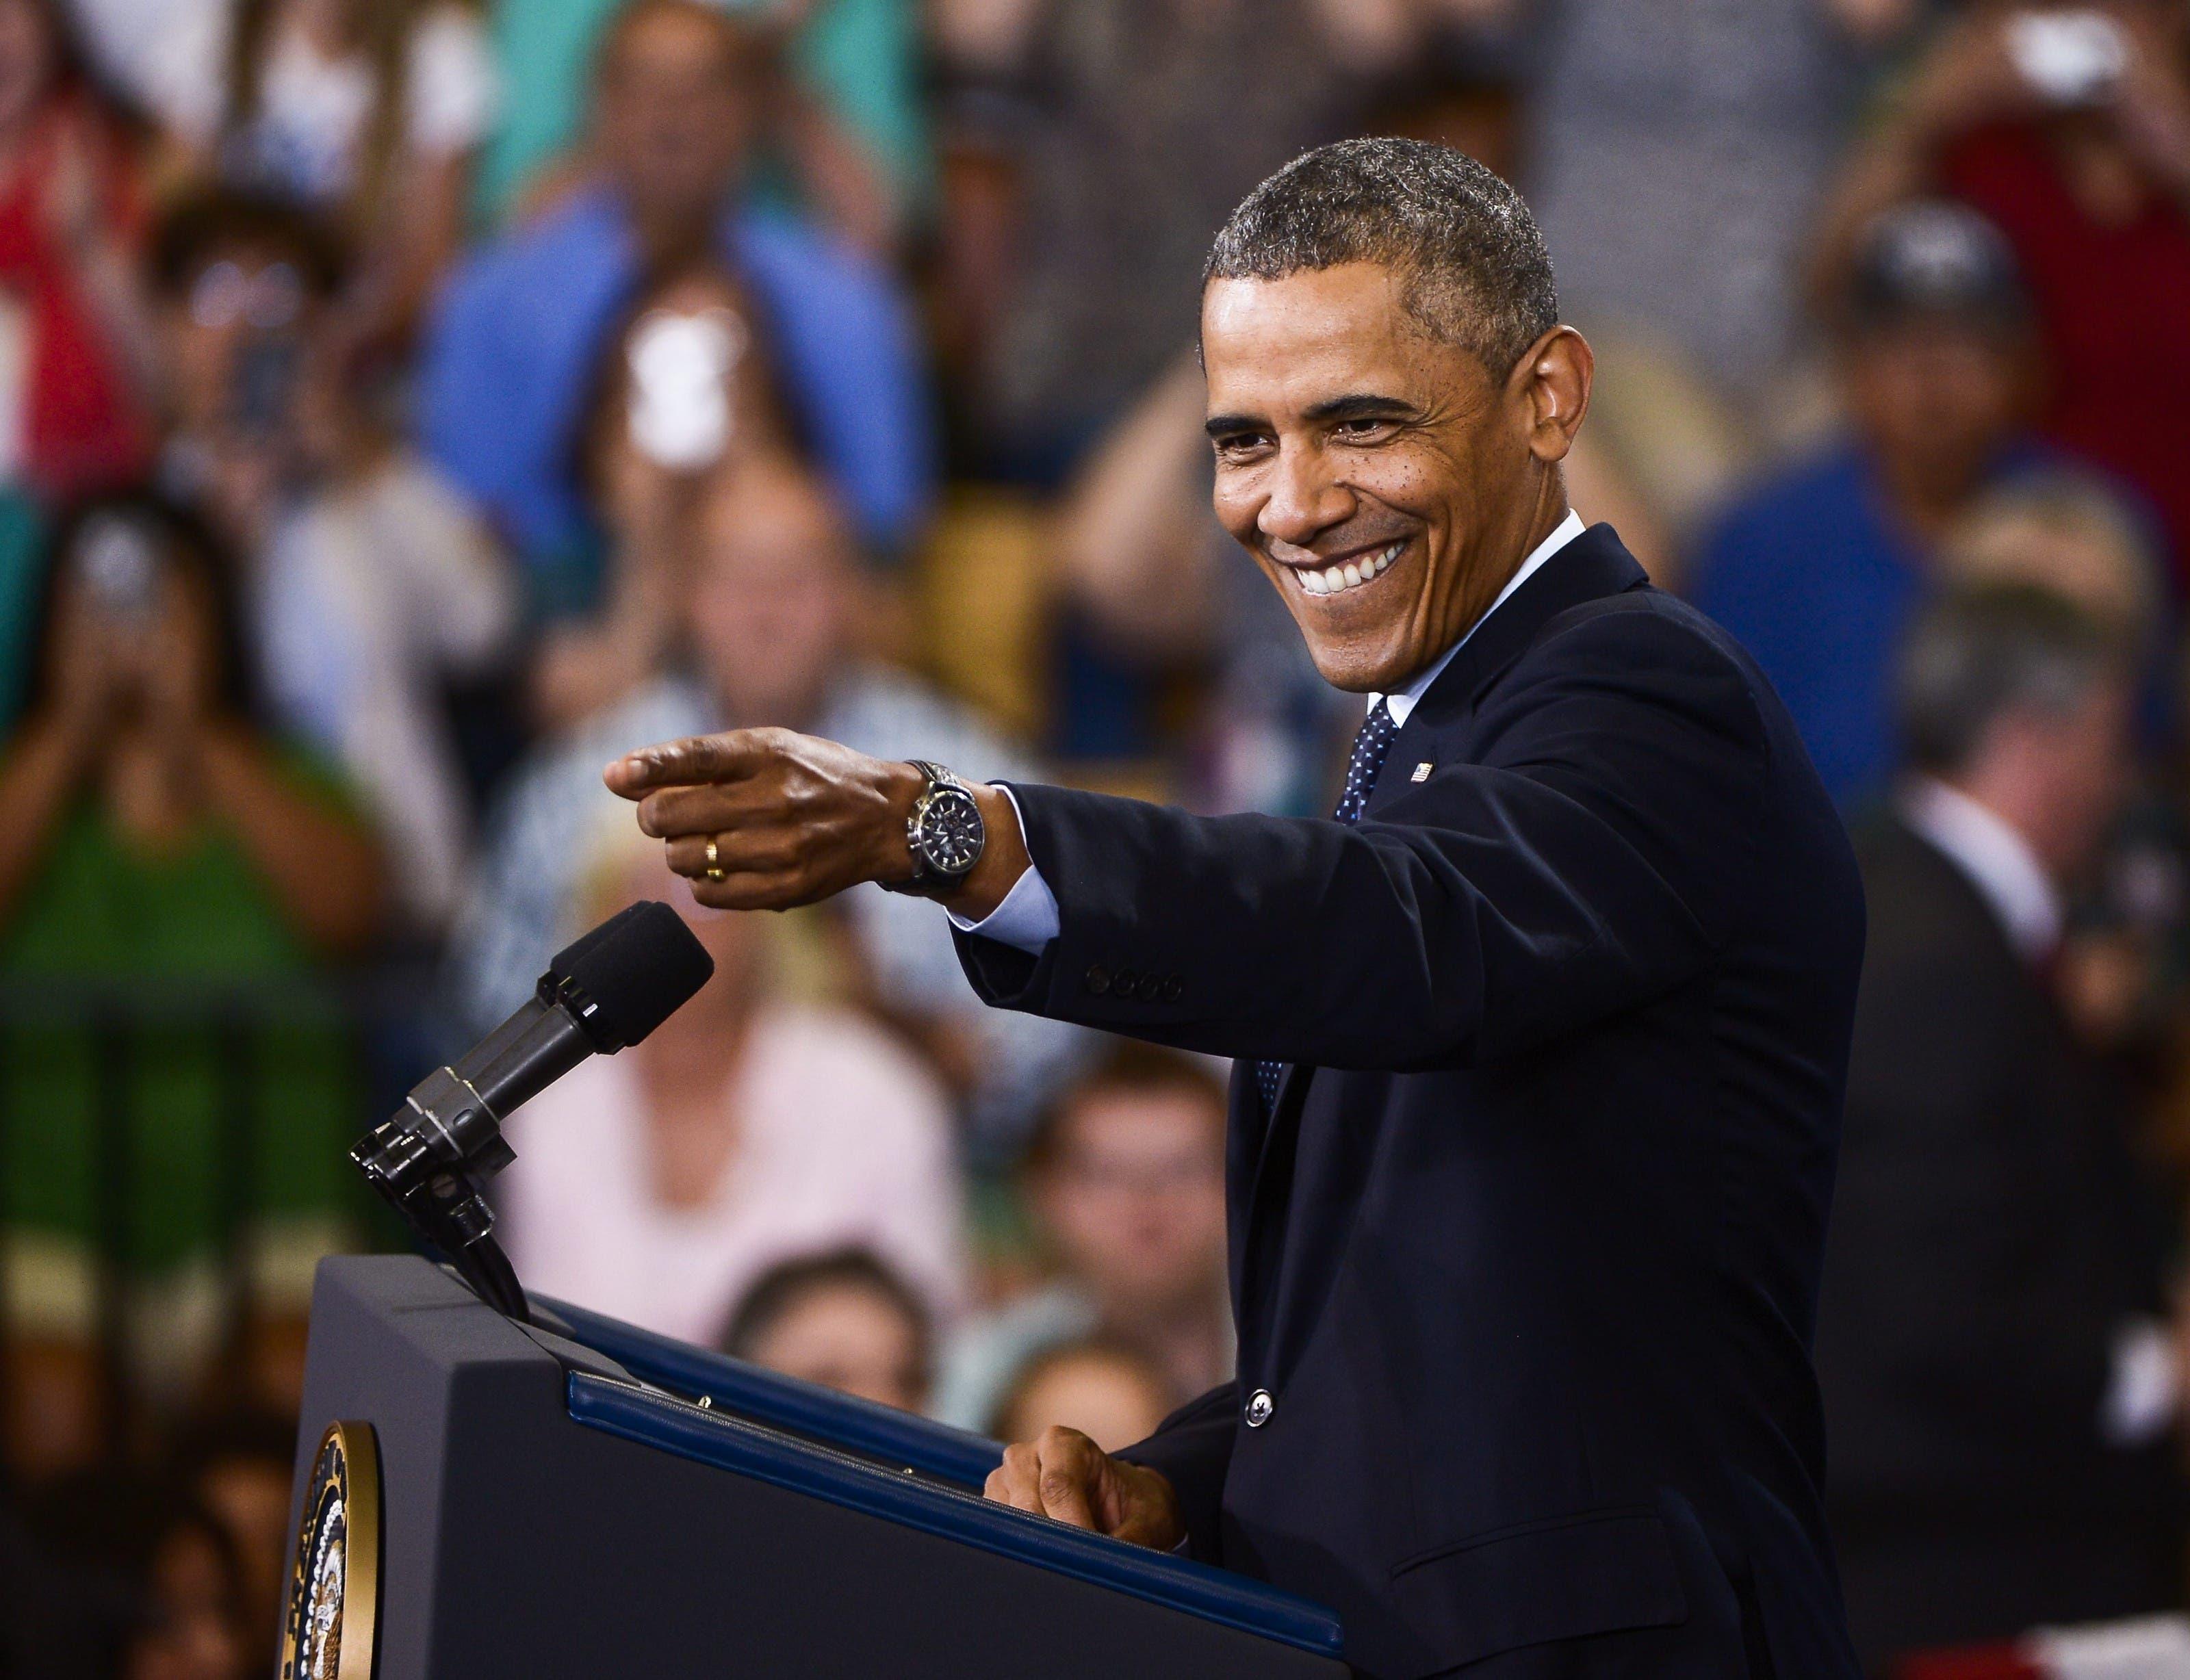 Barack Obama gilt nicht nur das begnadeter Redner, sondern auch als charismatisch. Das hat viel mit seinen Gesten und seinem Mimenspiel zu tun. 22 Bilder aus seiner Präsidentschaft, die davon zeugen. Obama zeigt vor einer Rede in Galesburg( Illiois) ins Publikum – mit einem ansteckenden Lachen. (24. Juli 2013)